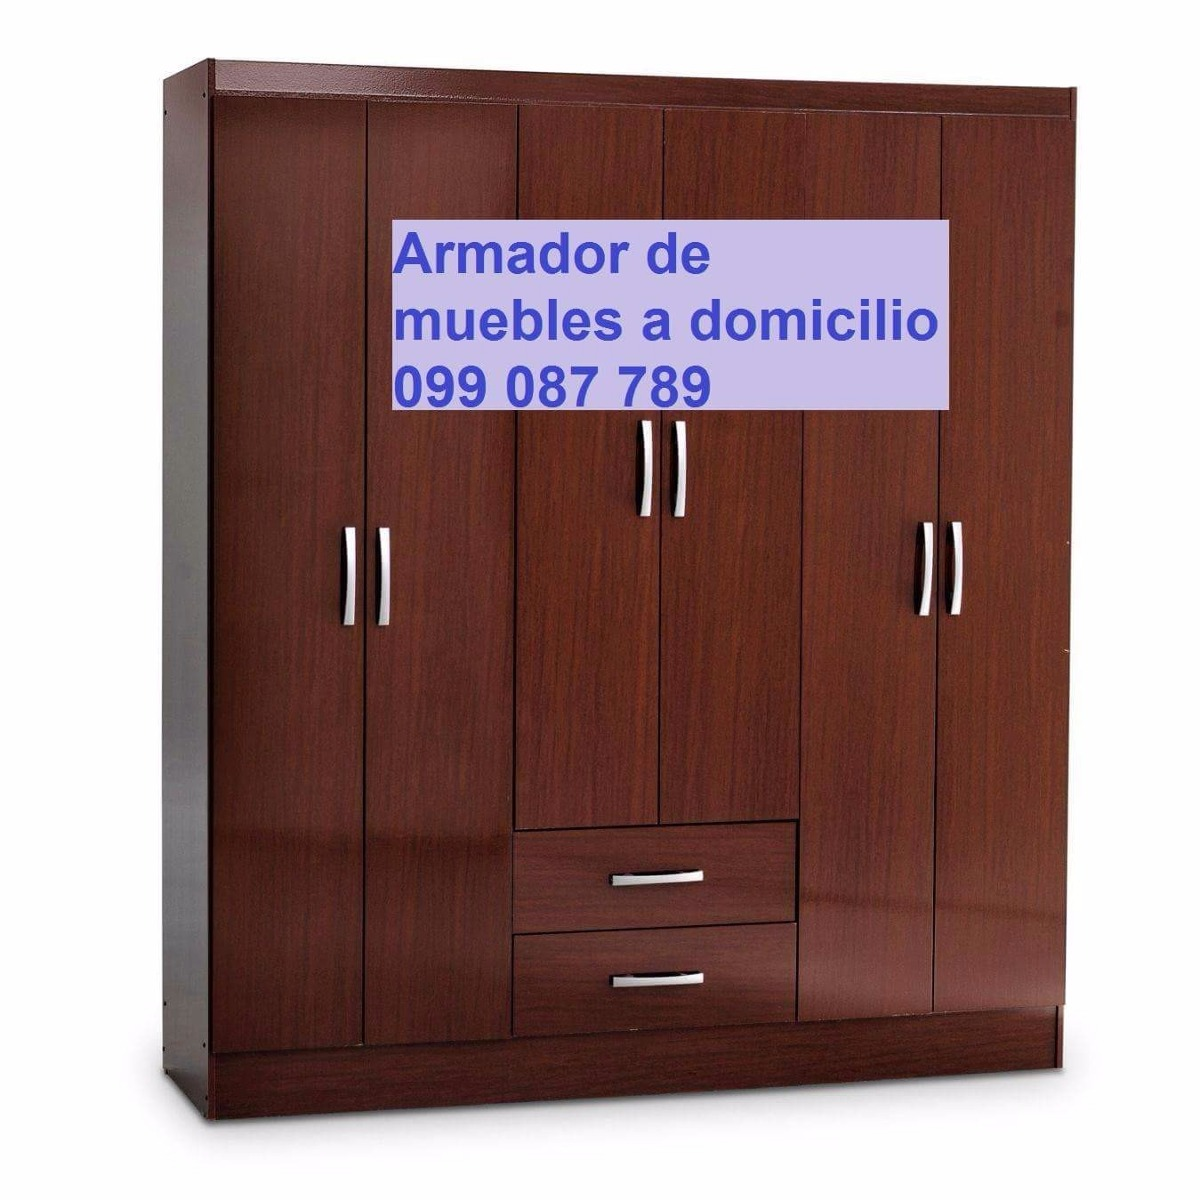 Desarmador Armador Muebles En Mercado Libre Uruguay # Muebles Paysandu